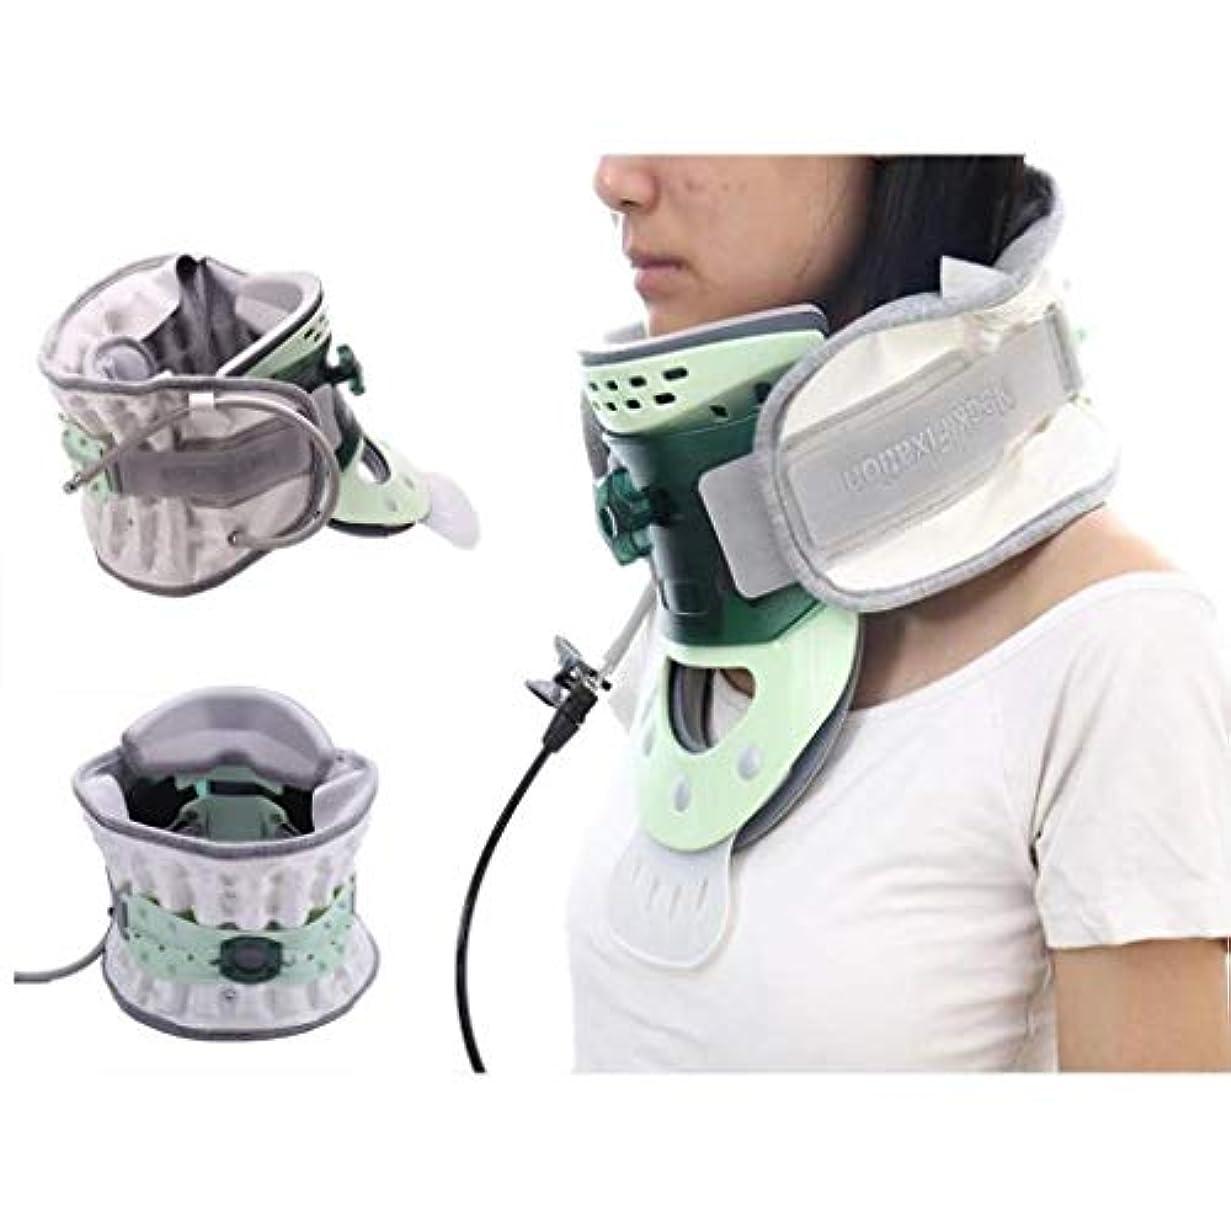 迅速留まる書く首の痛みや頸椎症の人に適したインフレータブル頸椎トラクター、首牽引装置、家の保護頸椎矯正器具